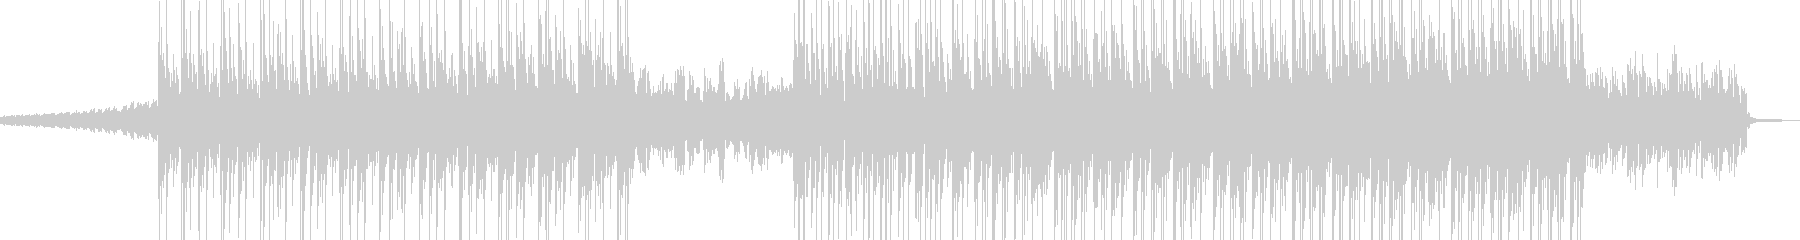 電脳・空想科学的なエレクトロポップ Aの未再生の波形